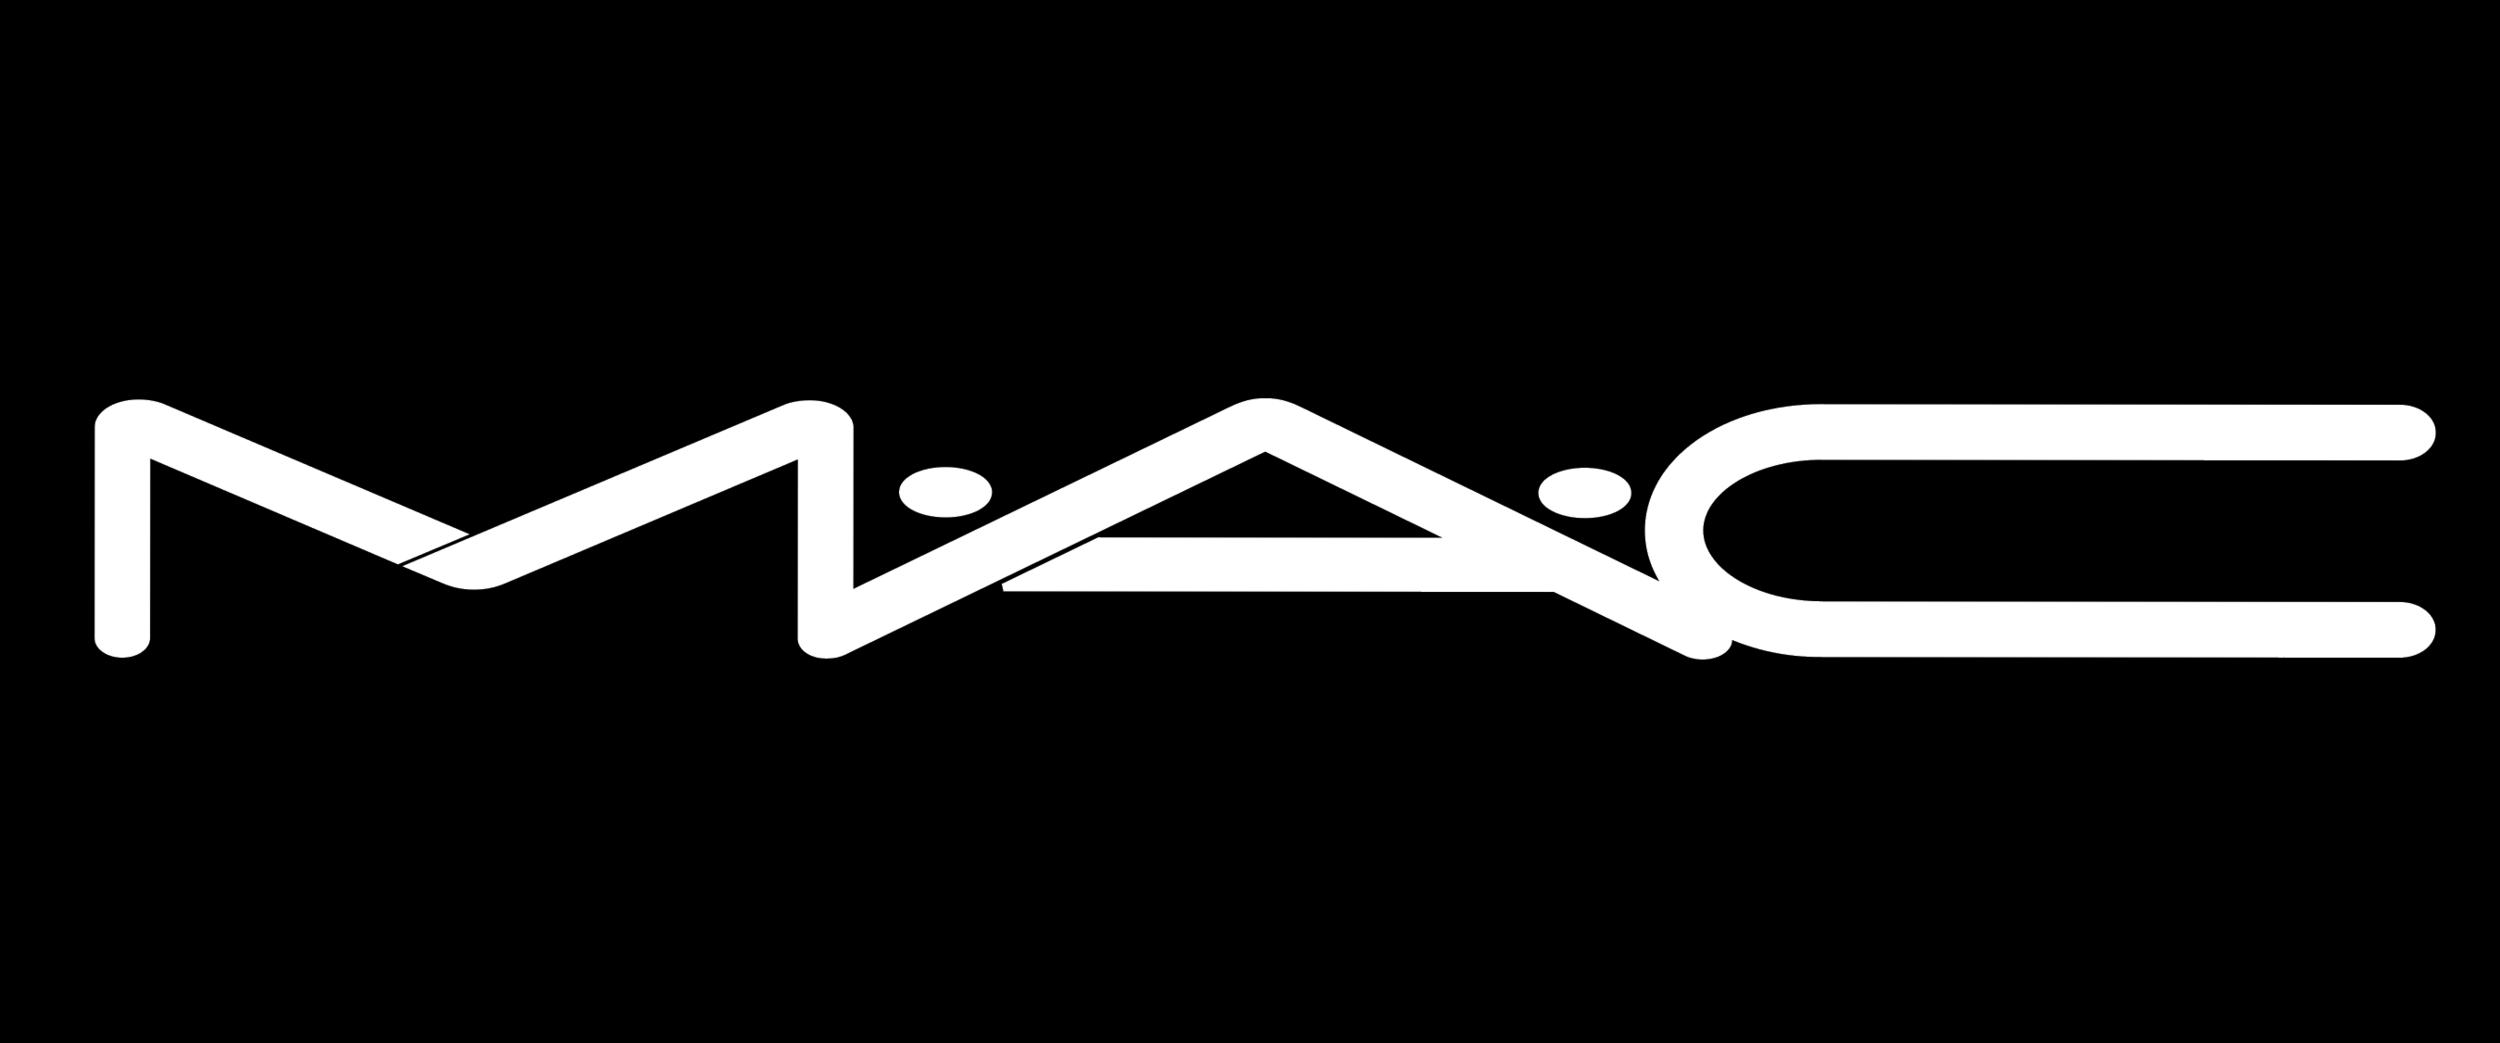 DJROUGE_WEB_CLIENTS_LOGO_ MAC COSMETICS.png